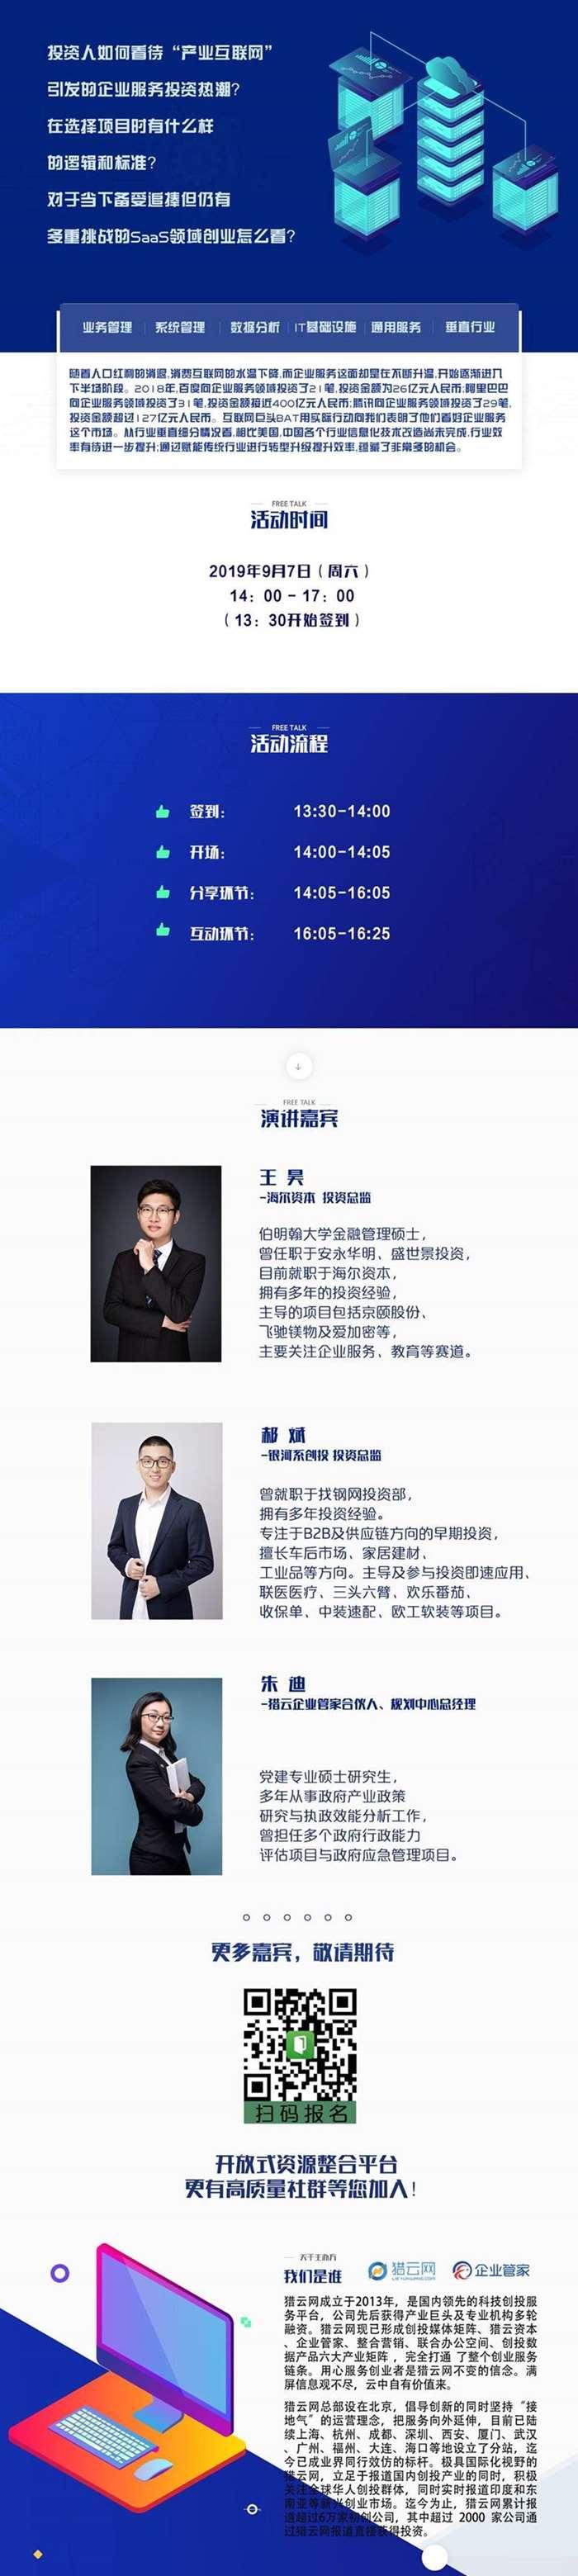 企业服务详情页.png